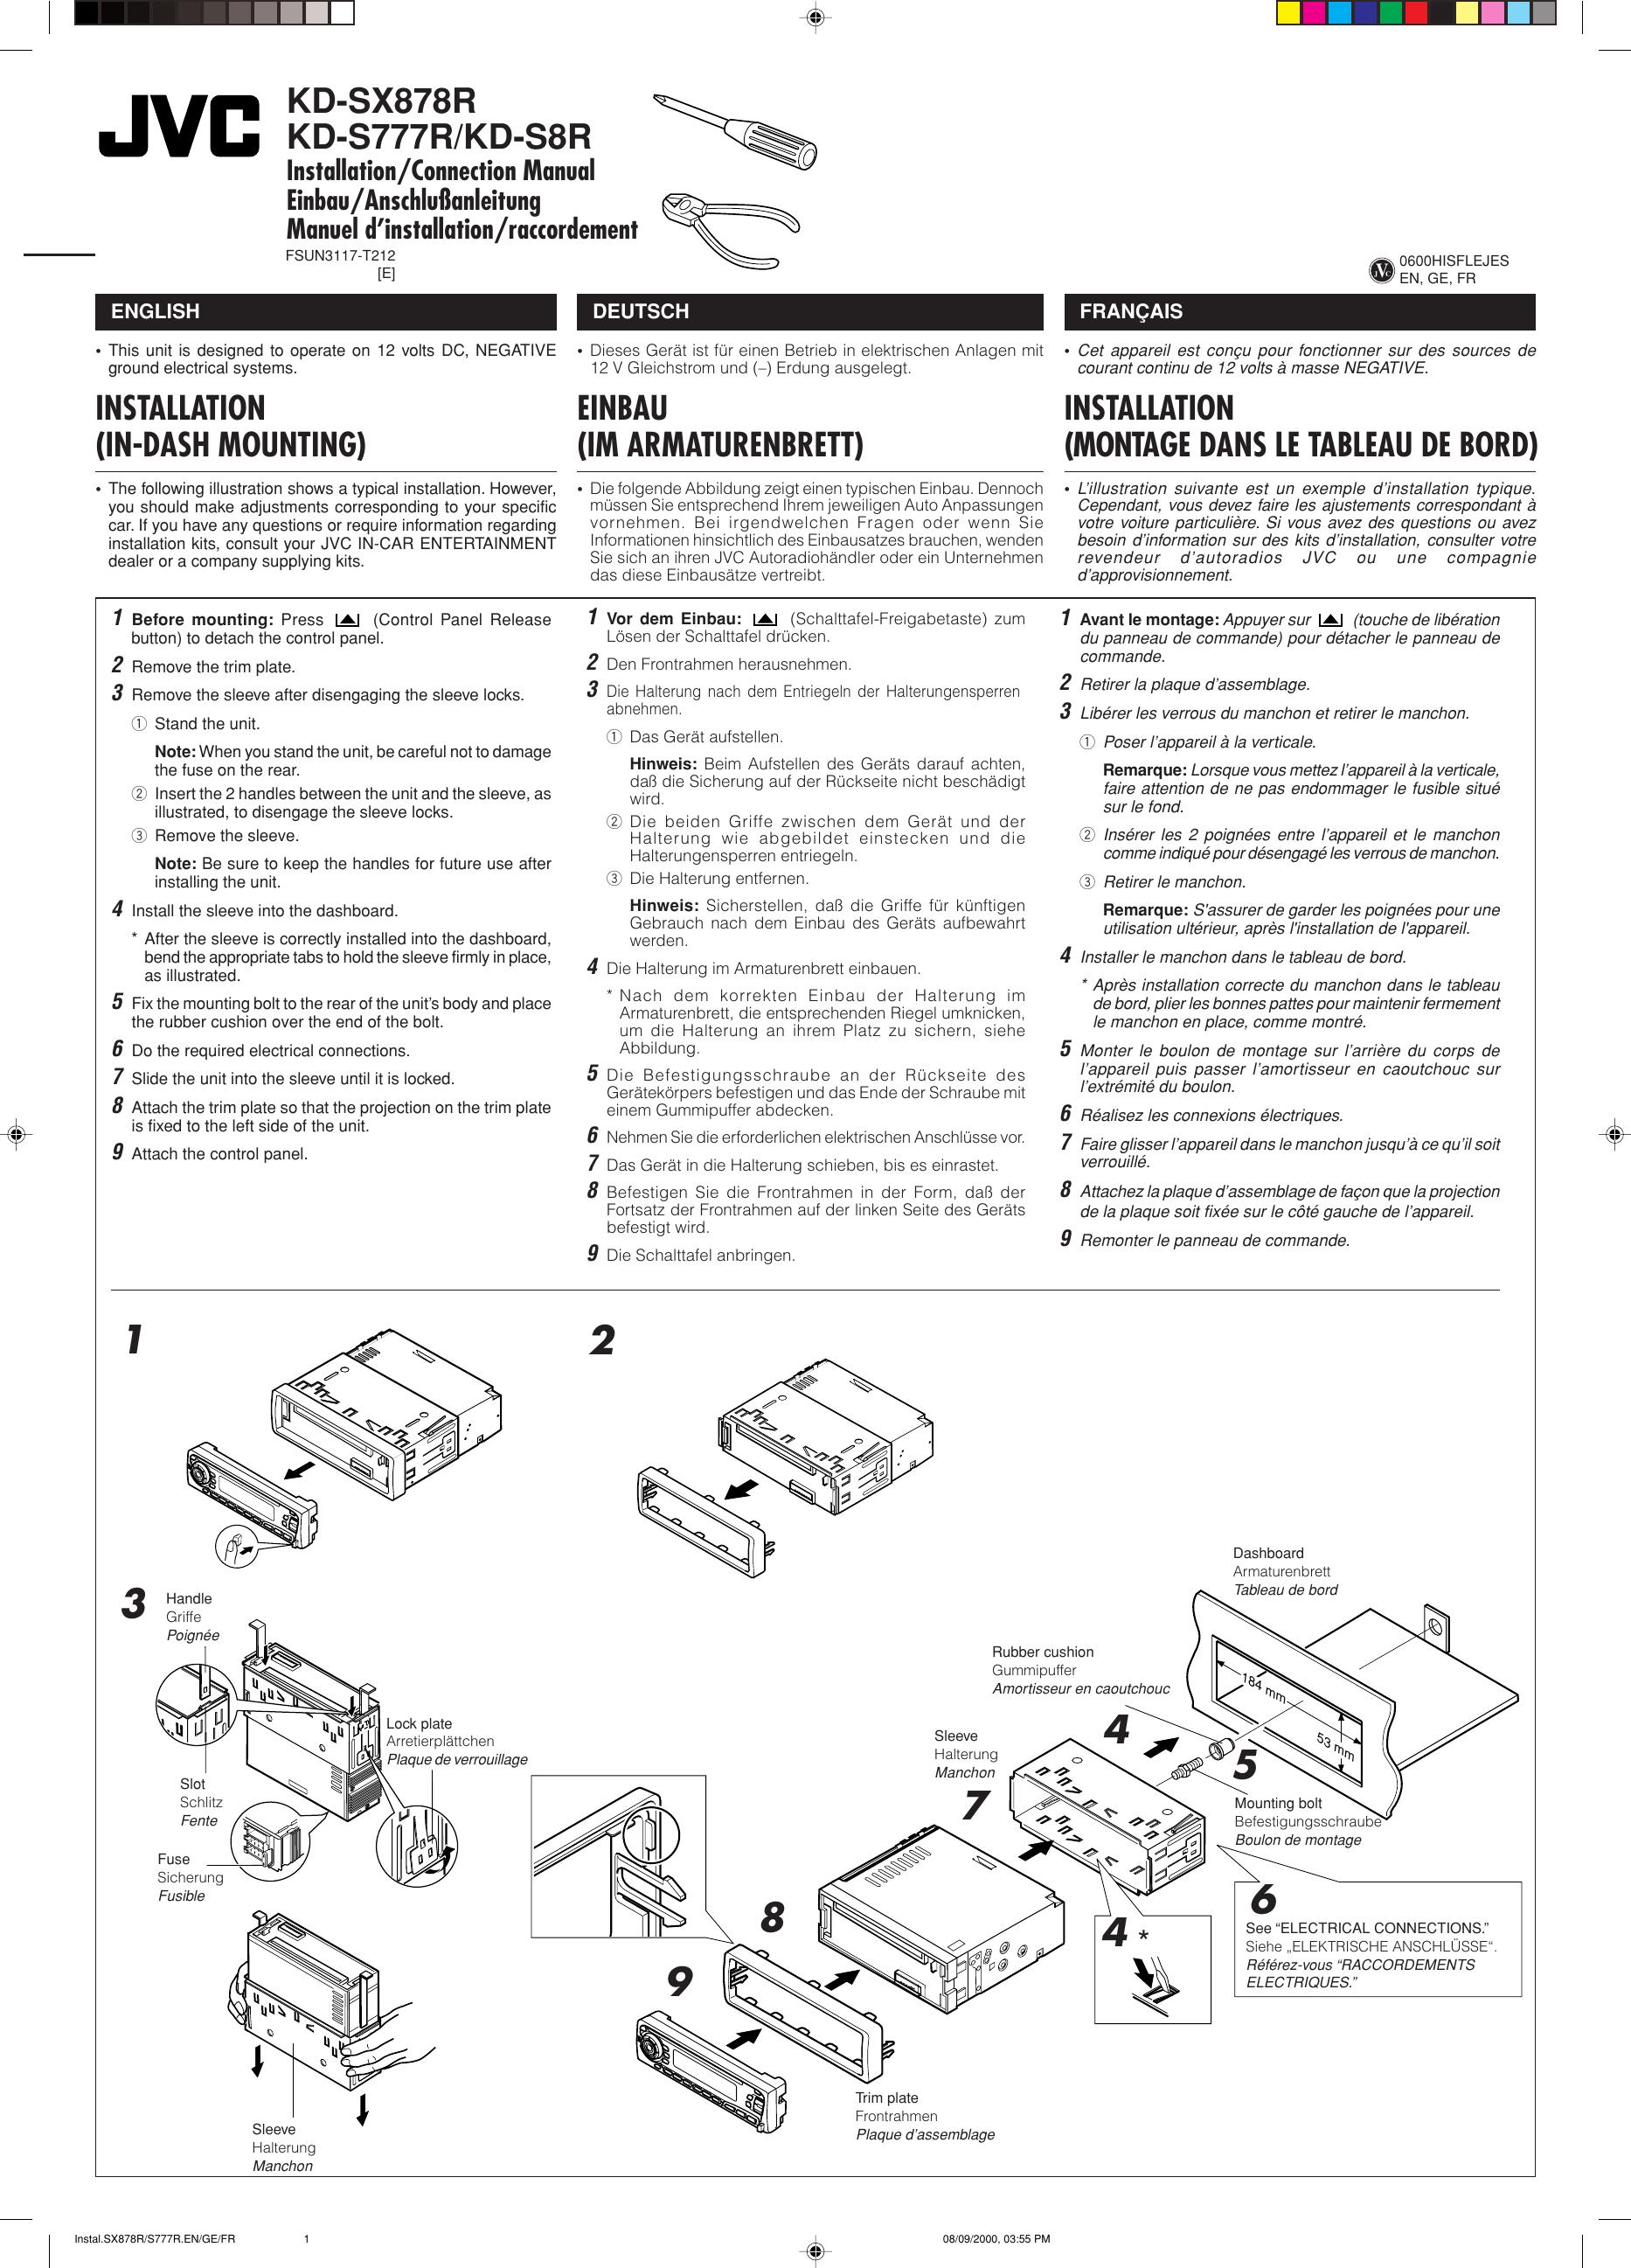 Großartig 2000 Toyota Kabelbaumdiagramm Bilder - Der Schaltplan ...